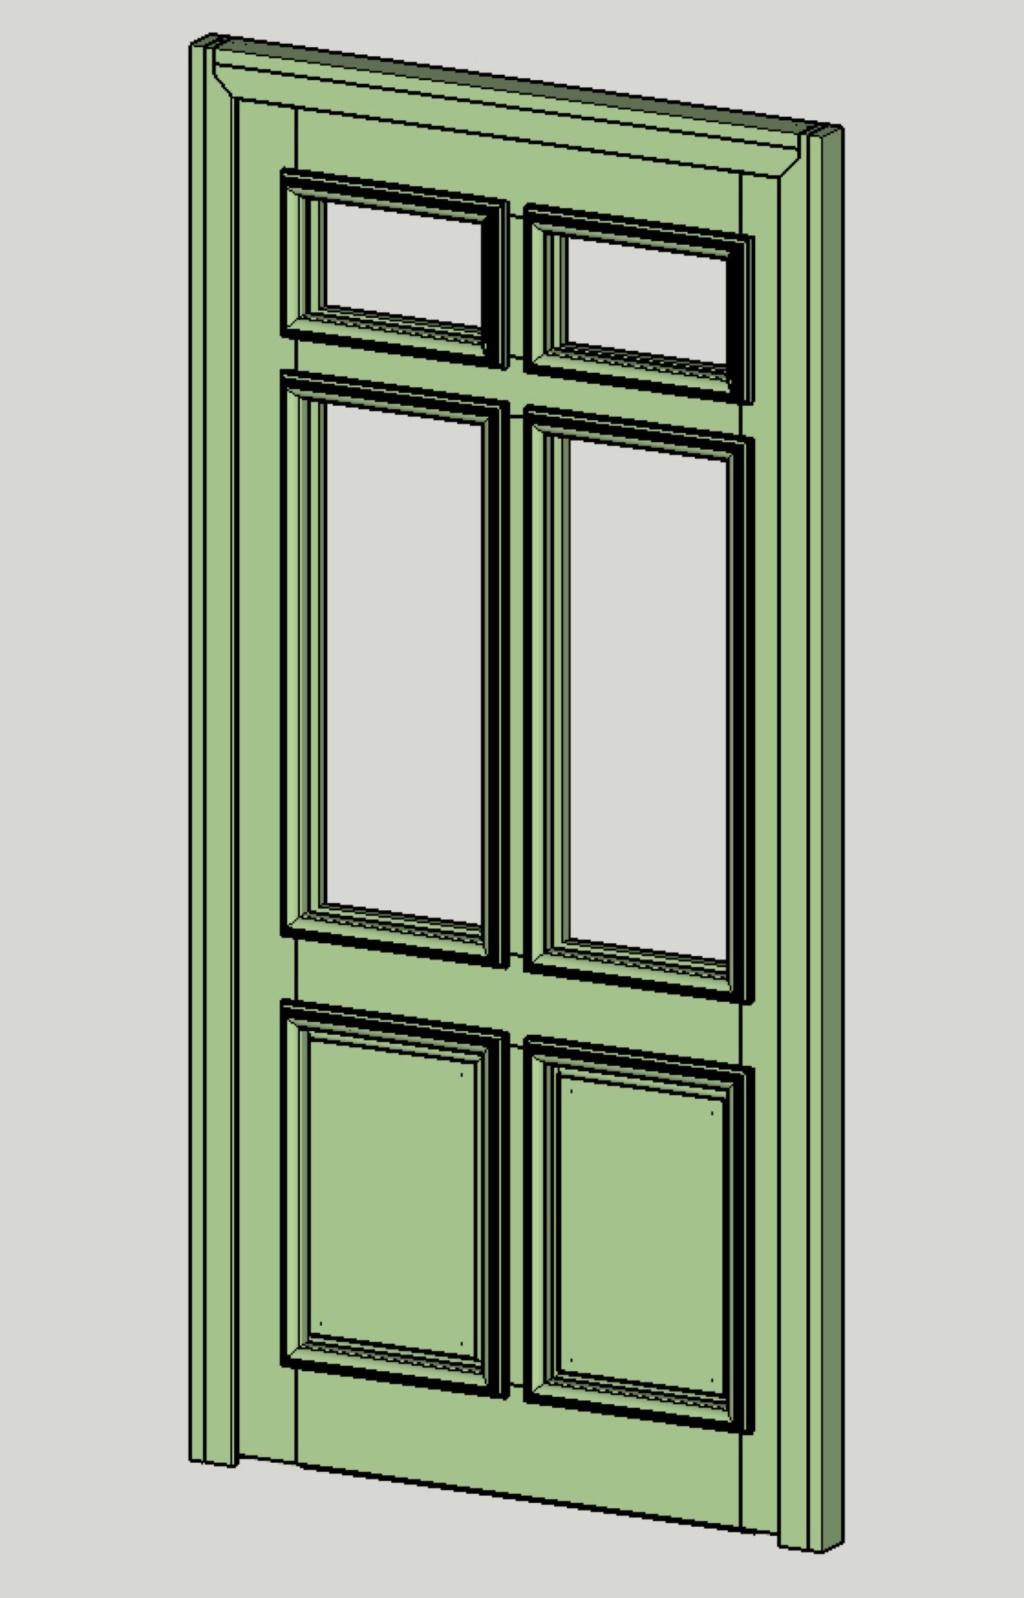 porte vitrée grand cadre - Porte d'entrée vitrée avec  grand cadre Vue_is10